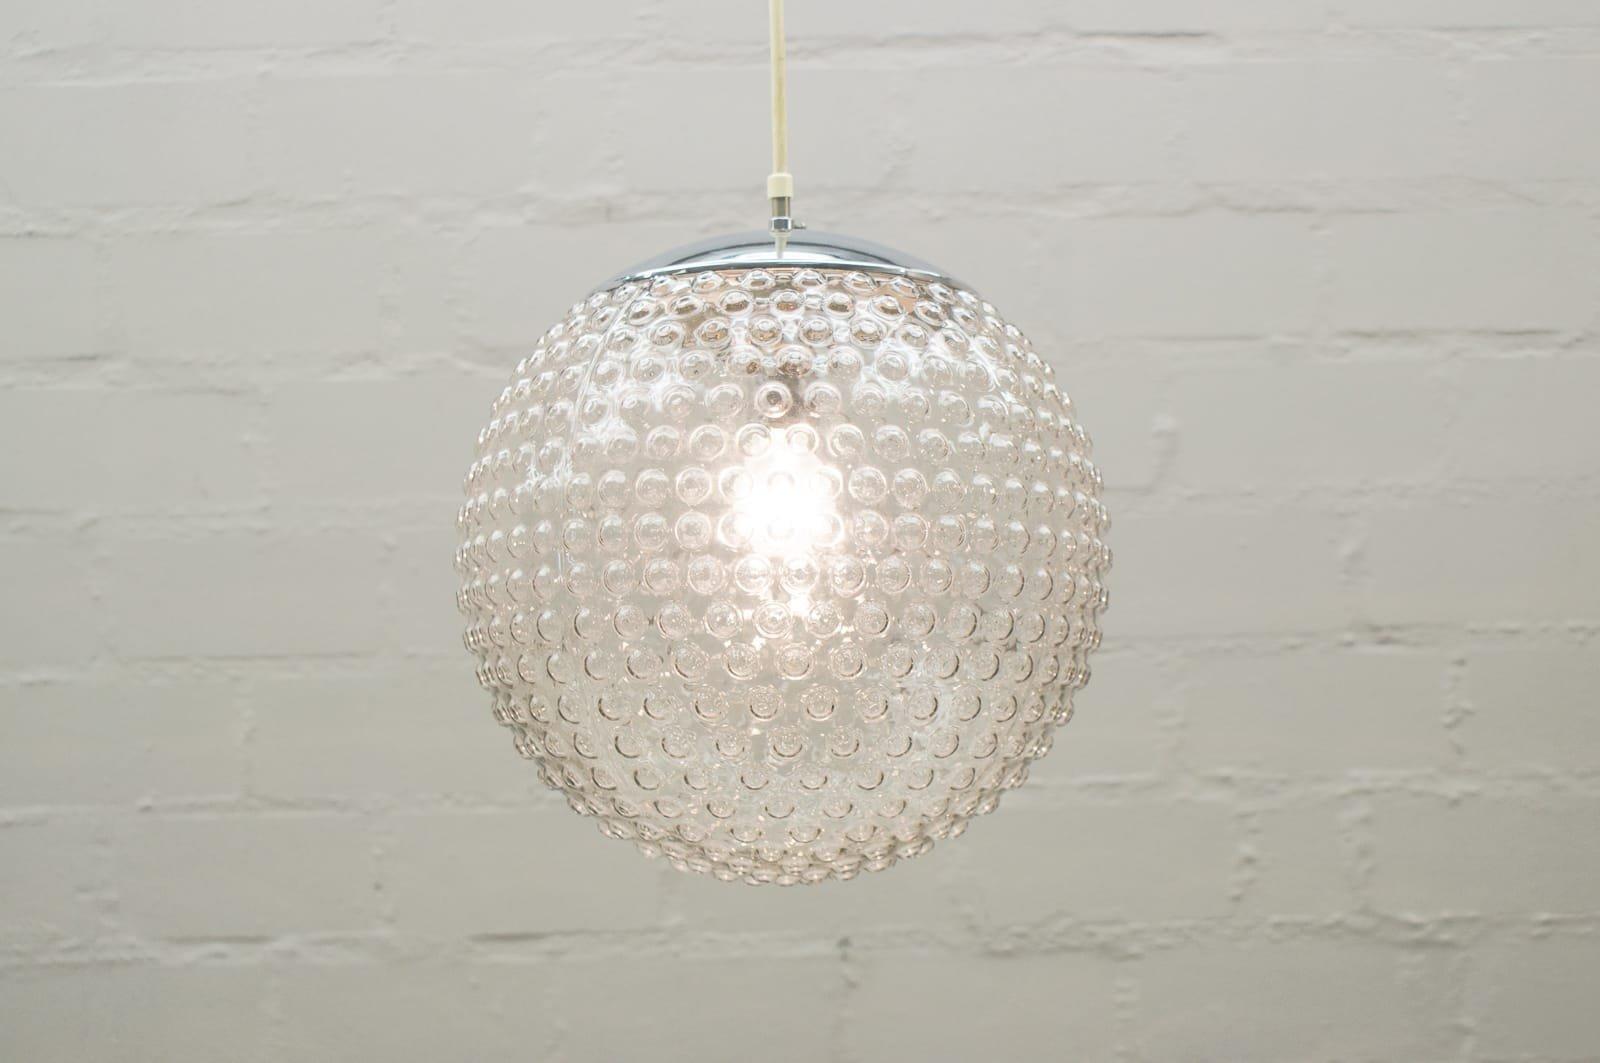 Lampade In Vetro Anni 70 : Lampada in vetro di staff anni in vendita su pamono